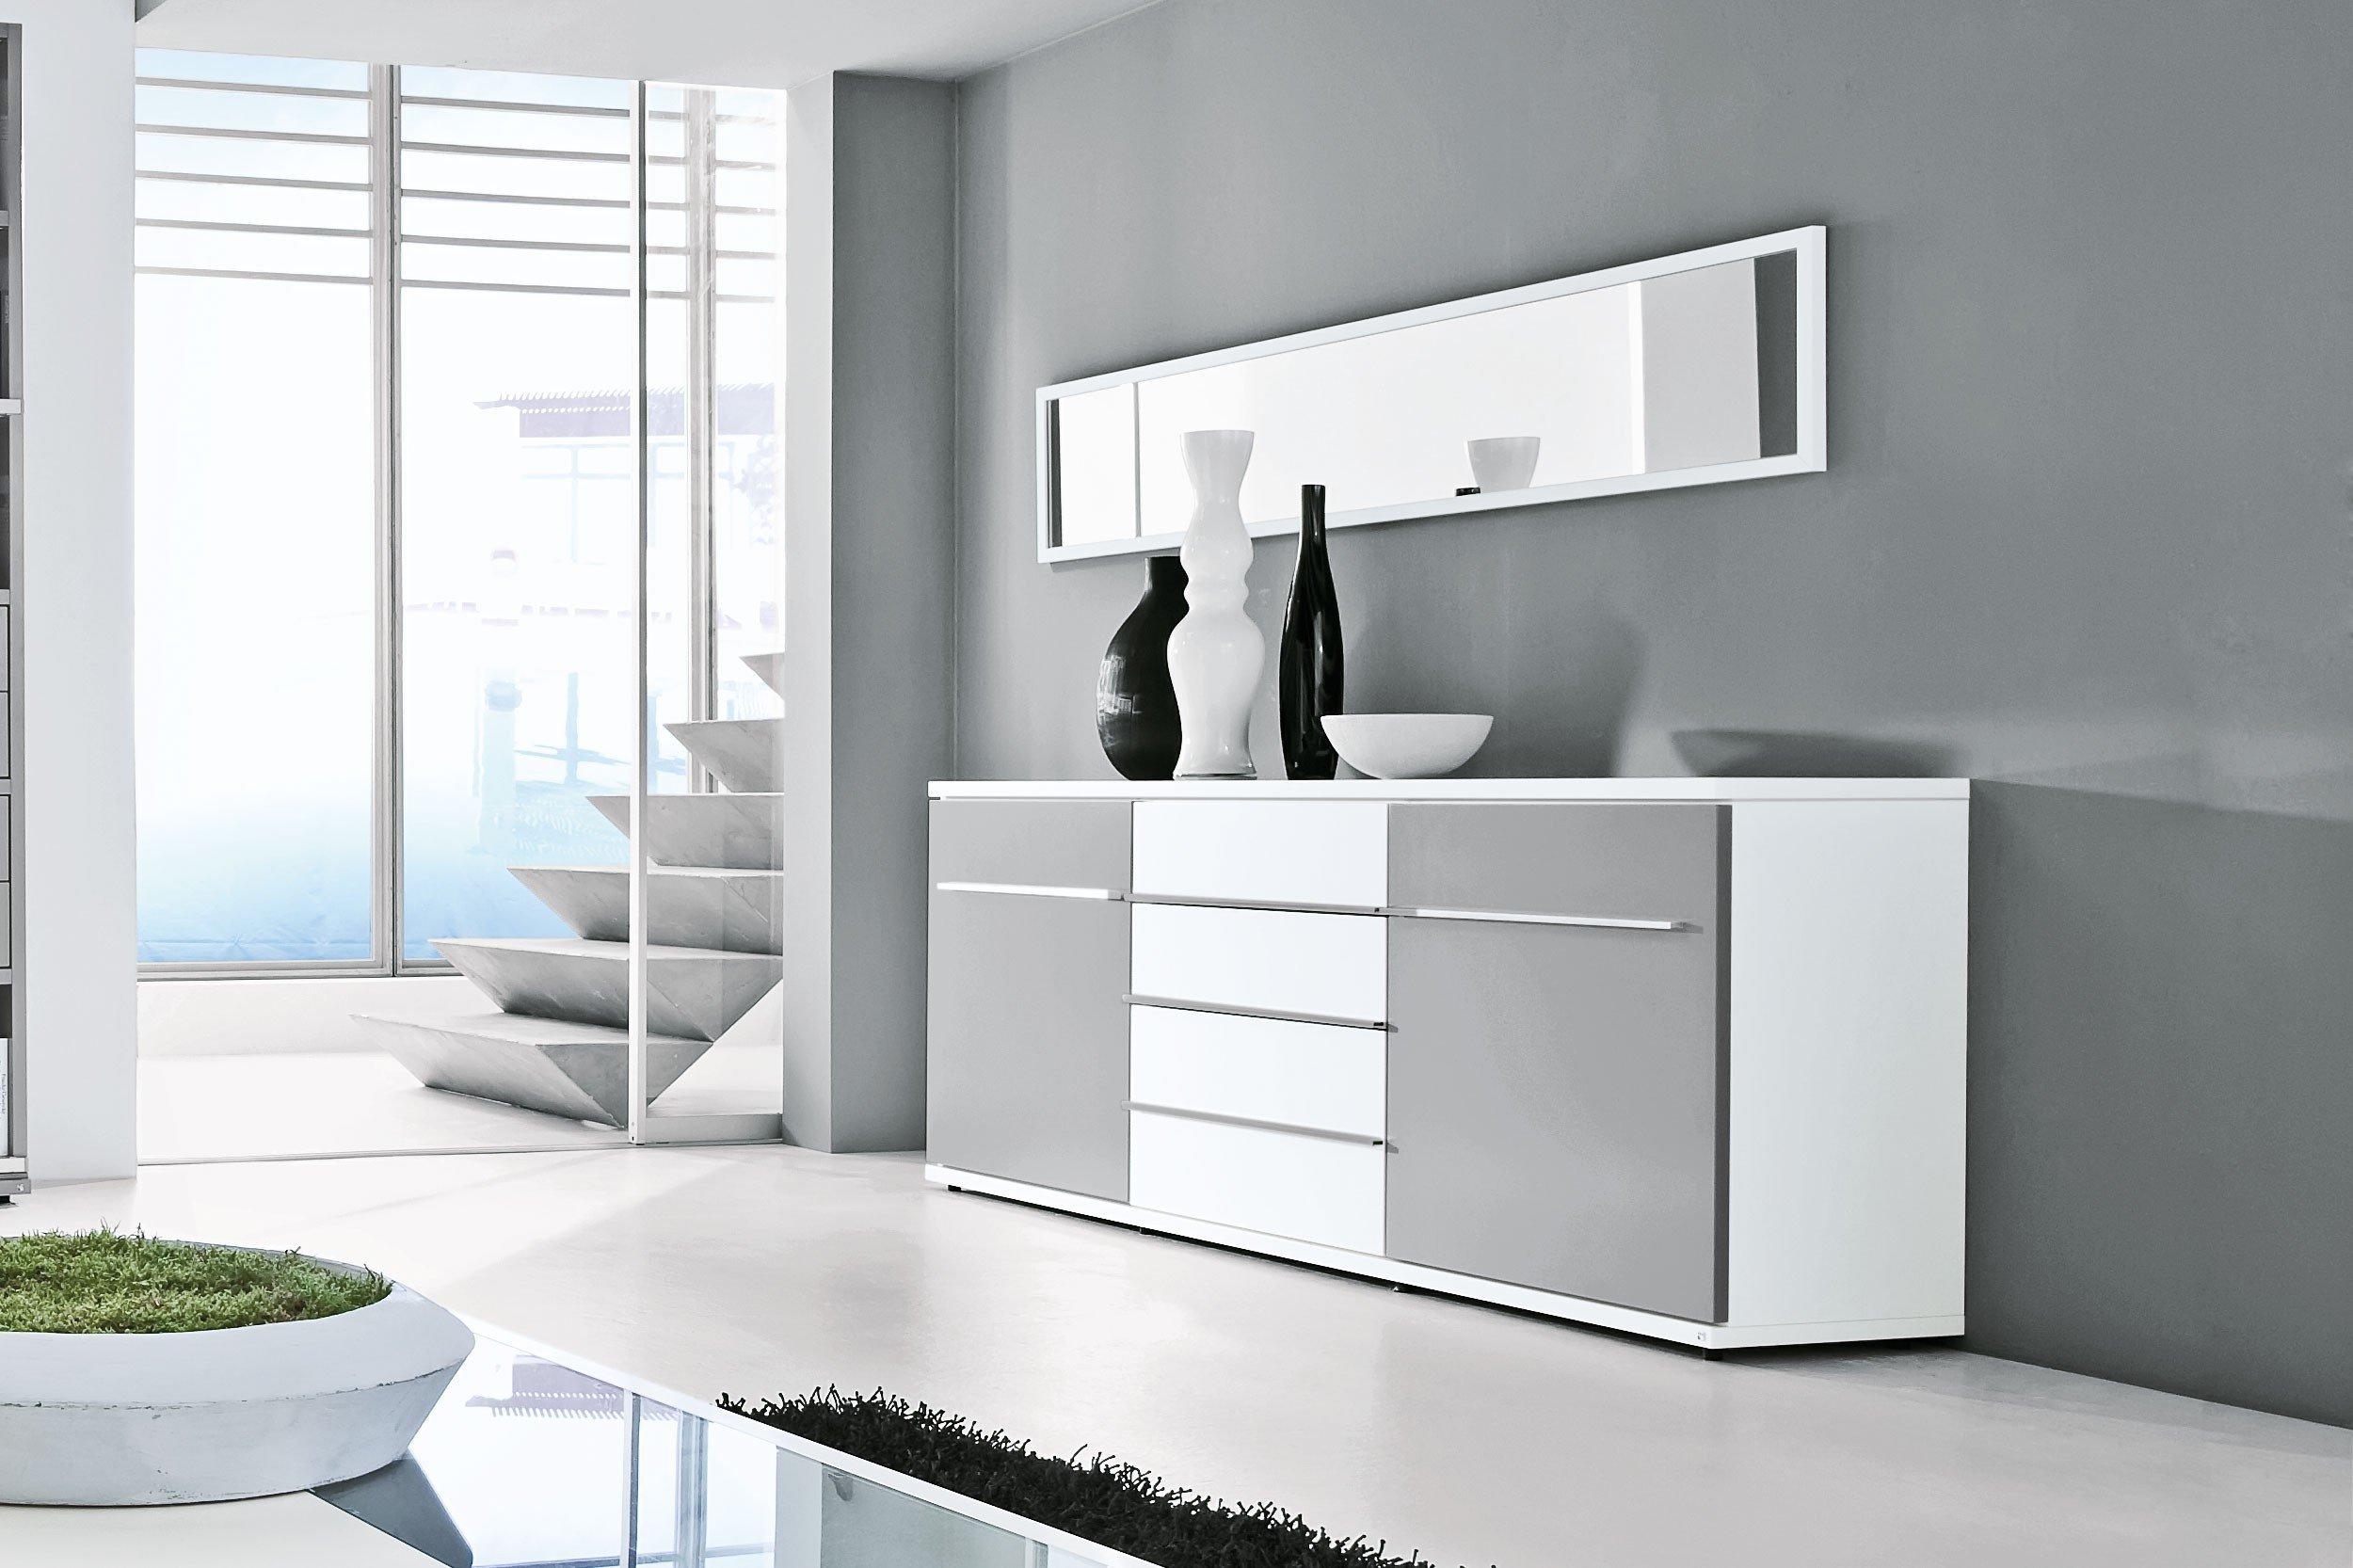 Faszinierend Sideboard Grau Weiß Sammlung Von Kito Von Loddenkemper - Wohnwand 9820 Grau/